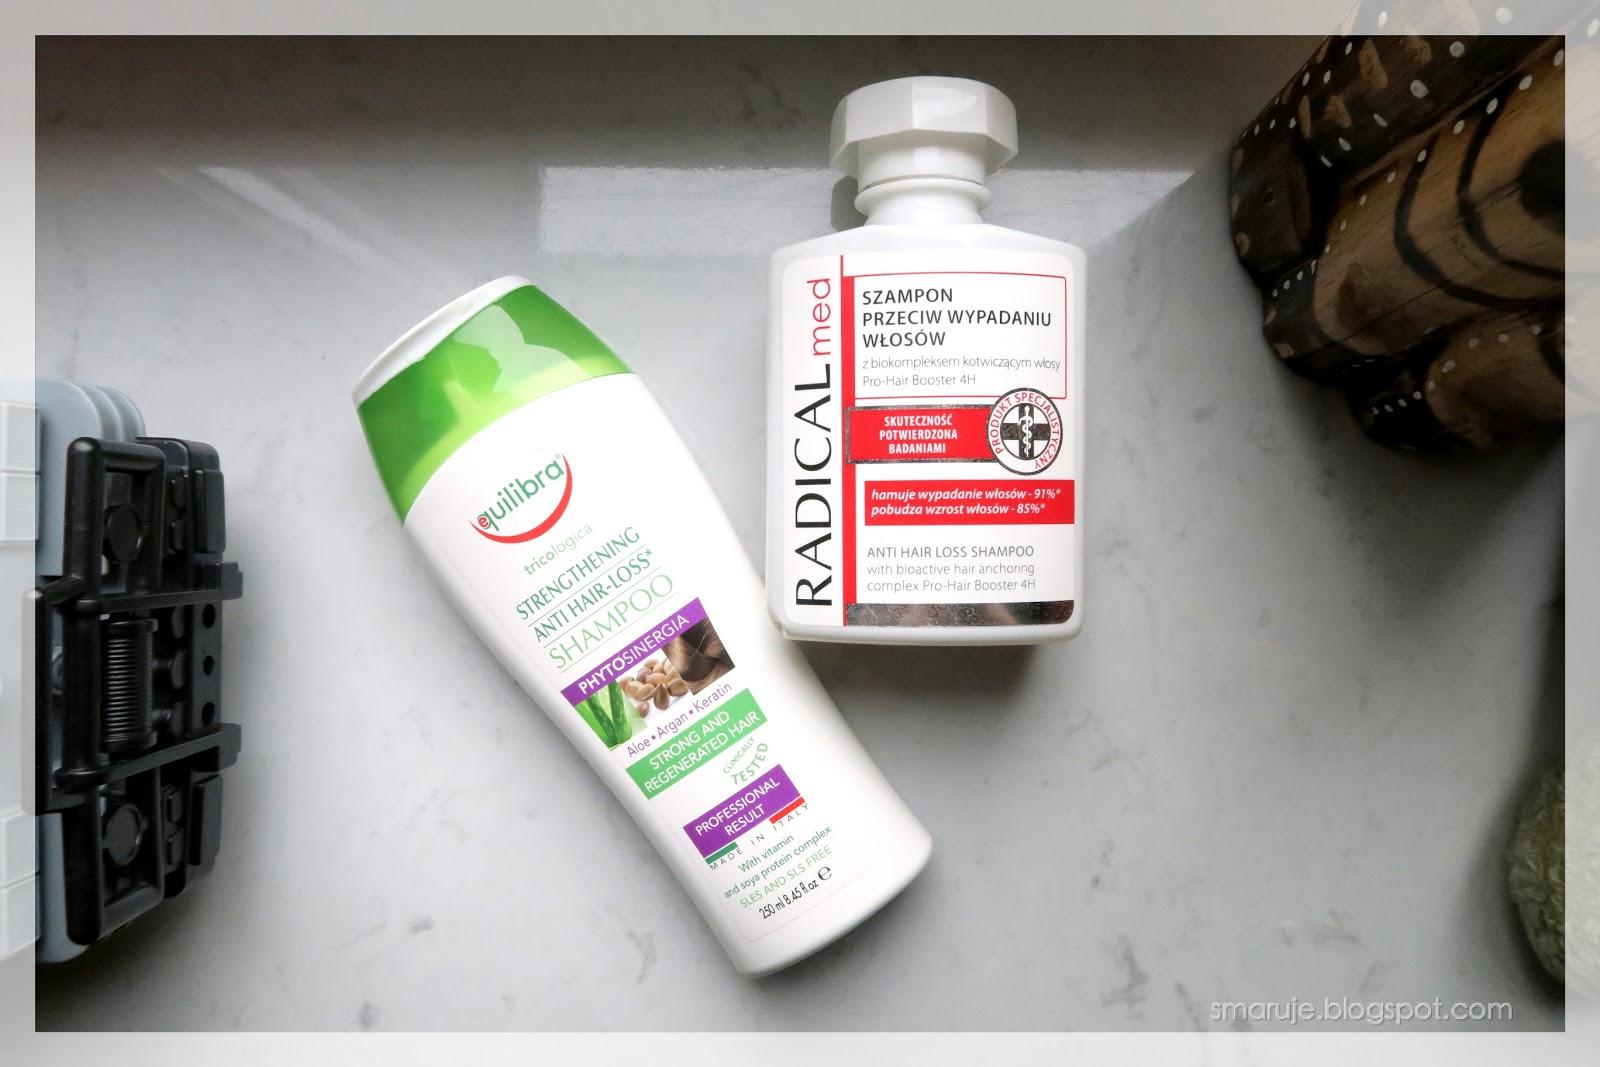 O dwóch takich, co walczyli z wypadaniem: Equilibra Strengthening Anti Hair-Loss / Farmona Radical Med